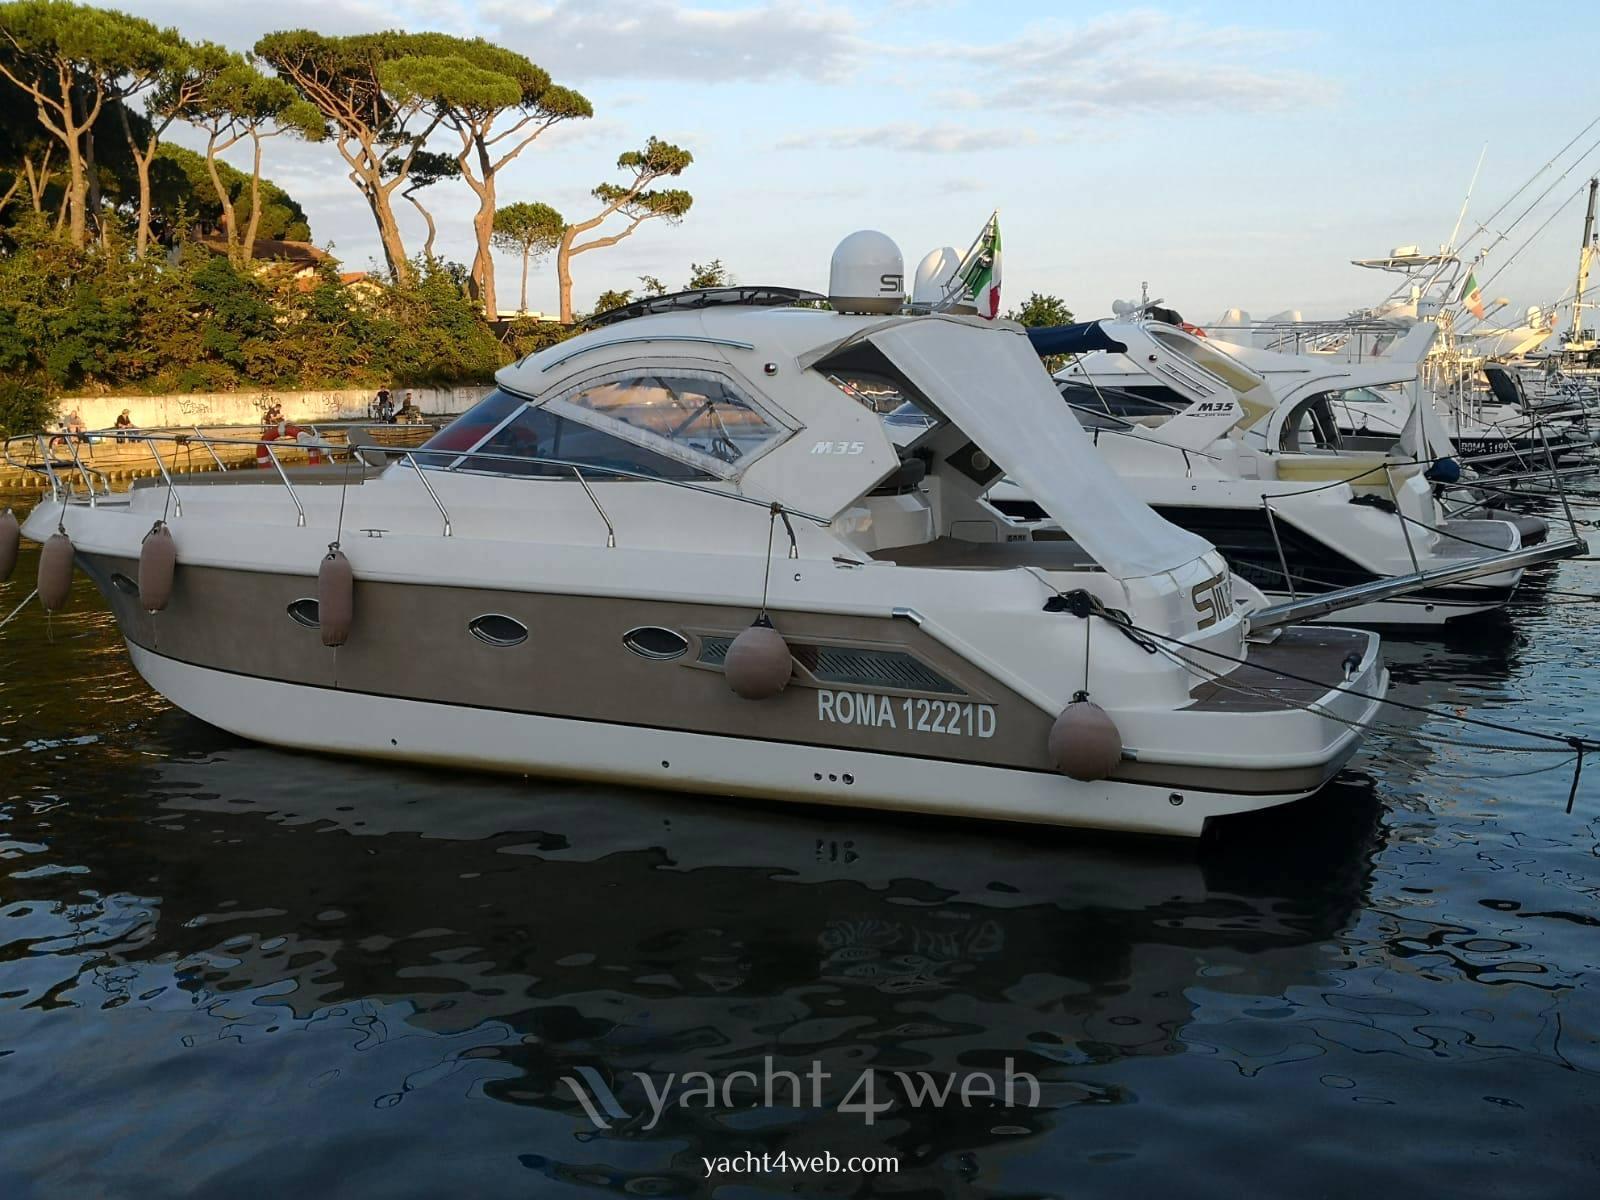 MANO' MARINE 35 ht Barco a motor usado para venda